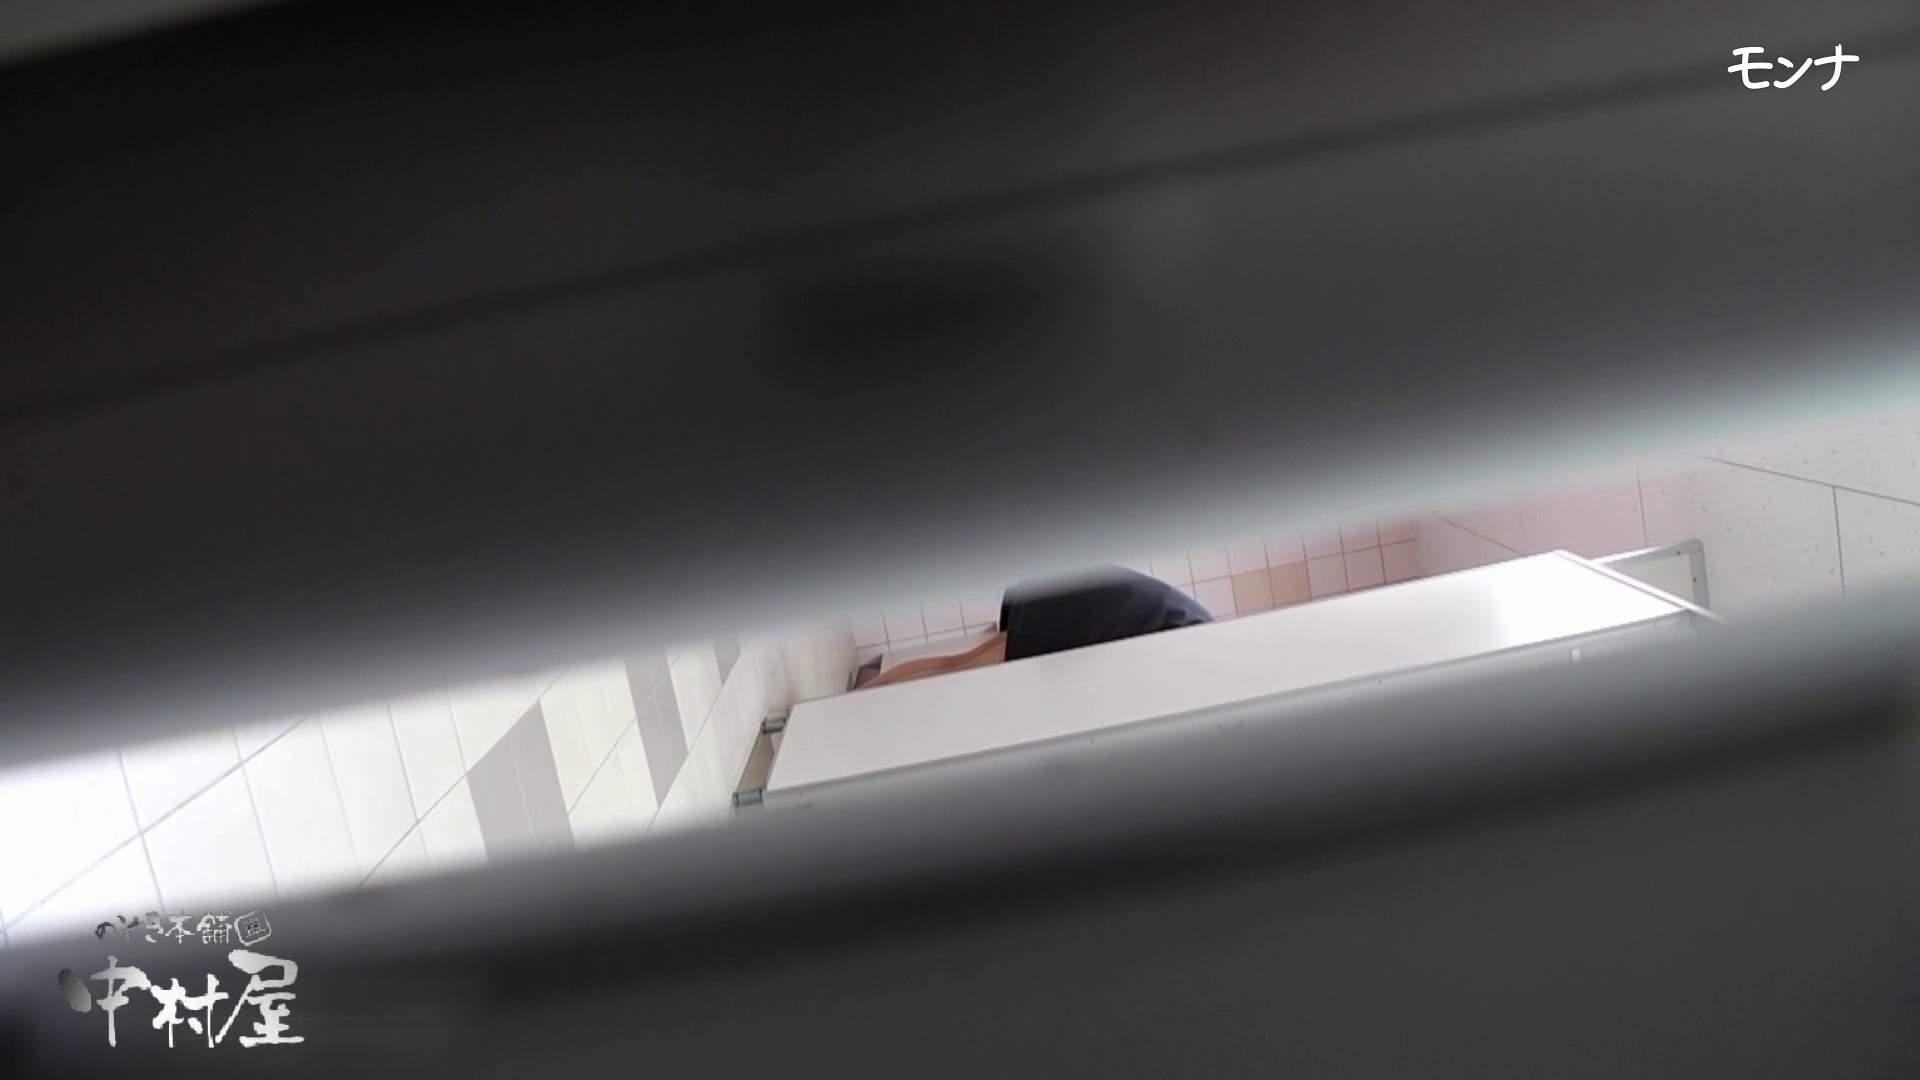 美しい日本の未来 No.66 おまんこ見放題  107PIX 50